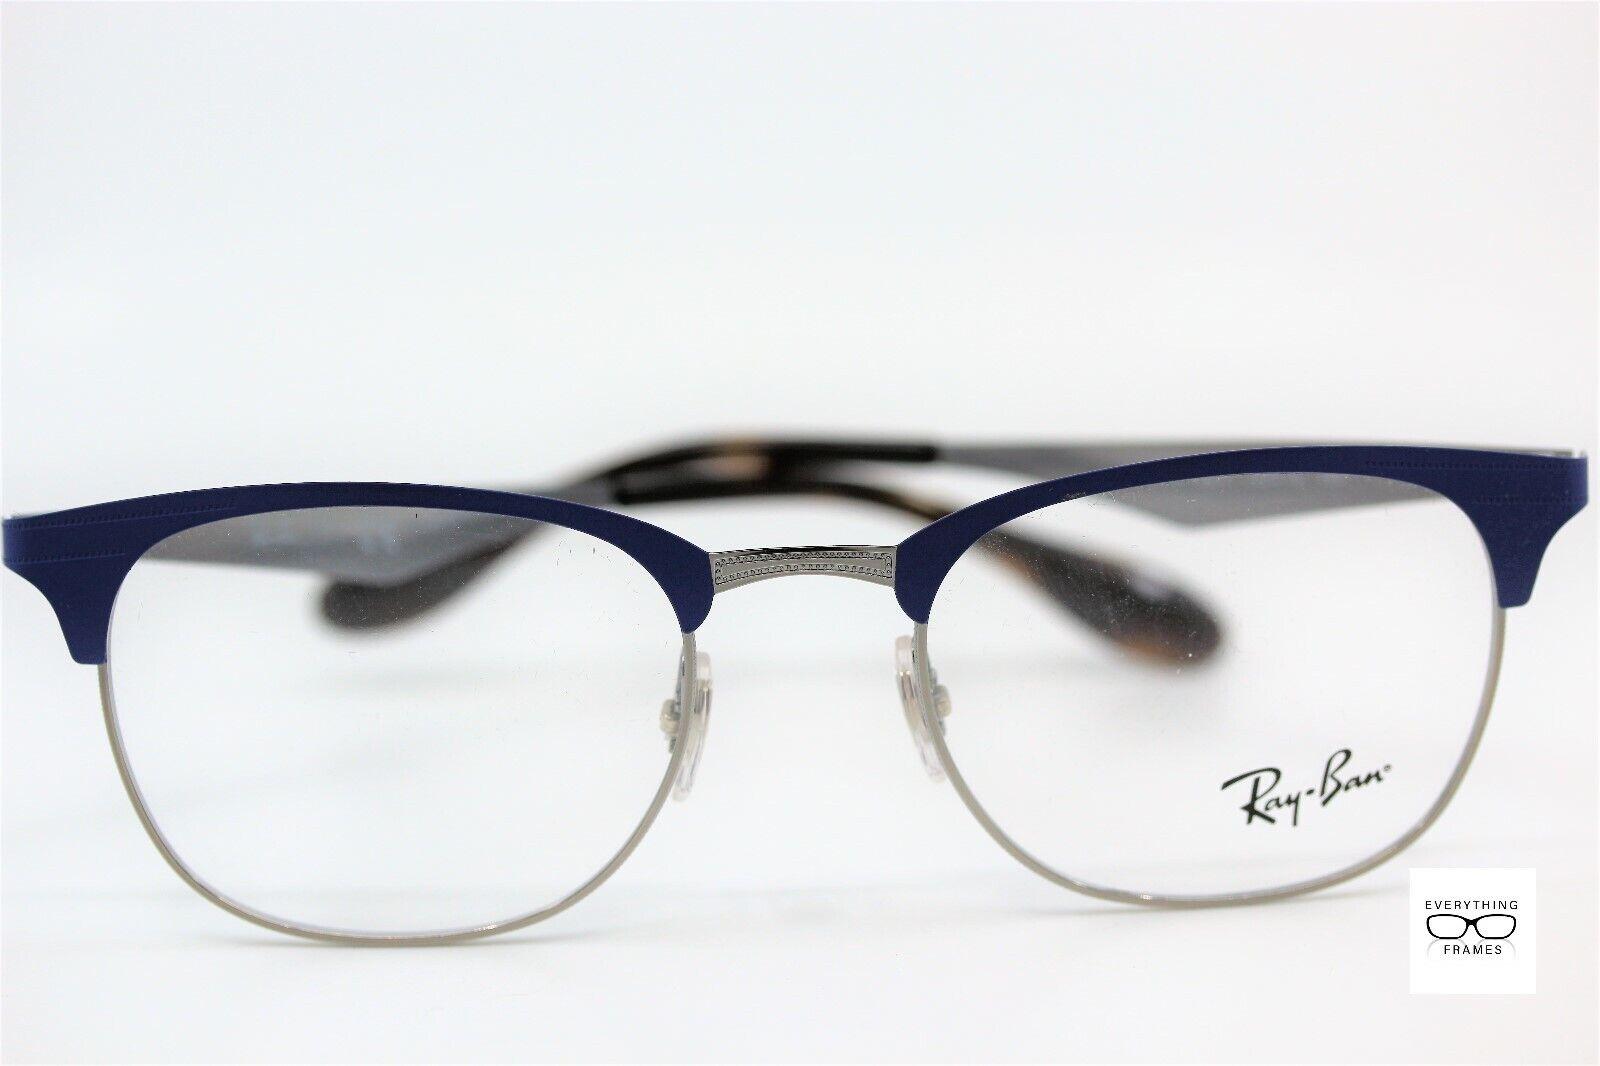 52885b5b7f Authentic Ray-Ban Eyeglasses Rb6346 2911 52mm Gunmetal Blue Frames ...